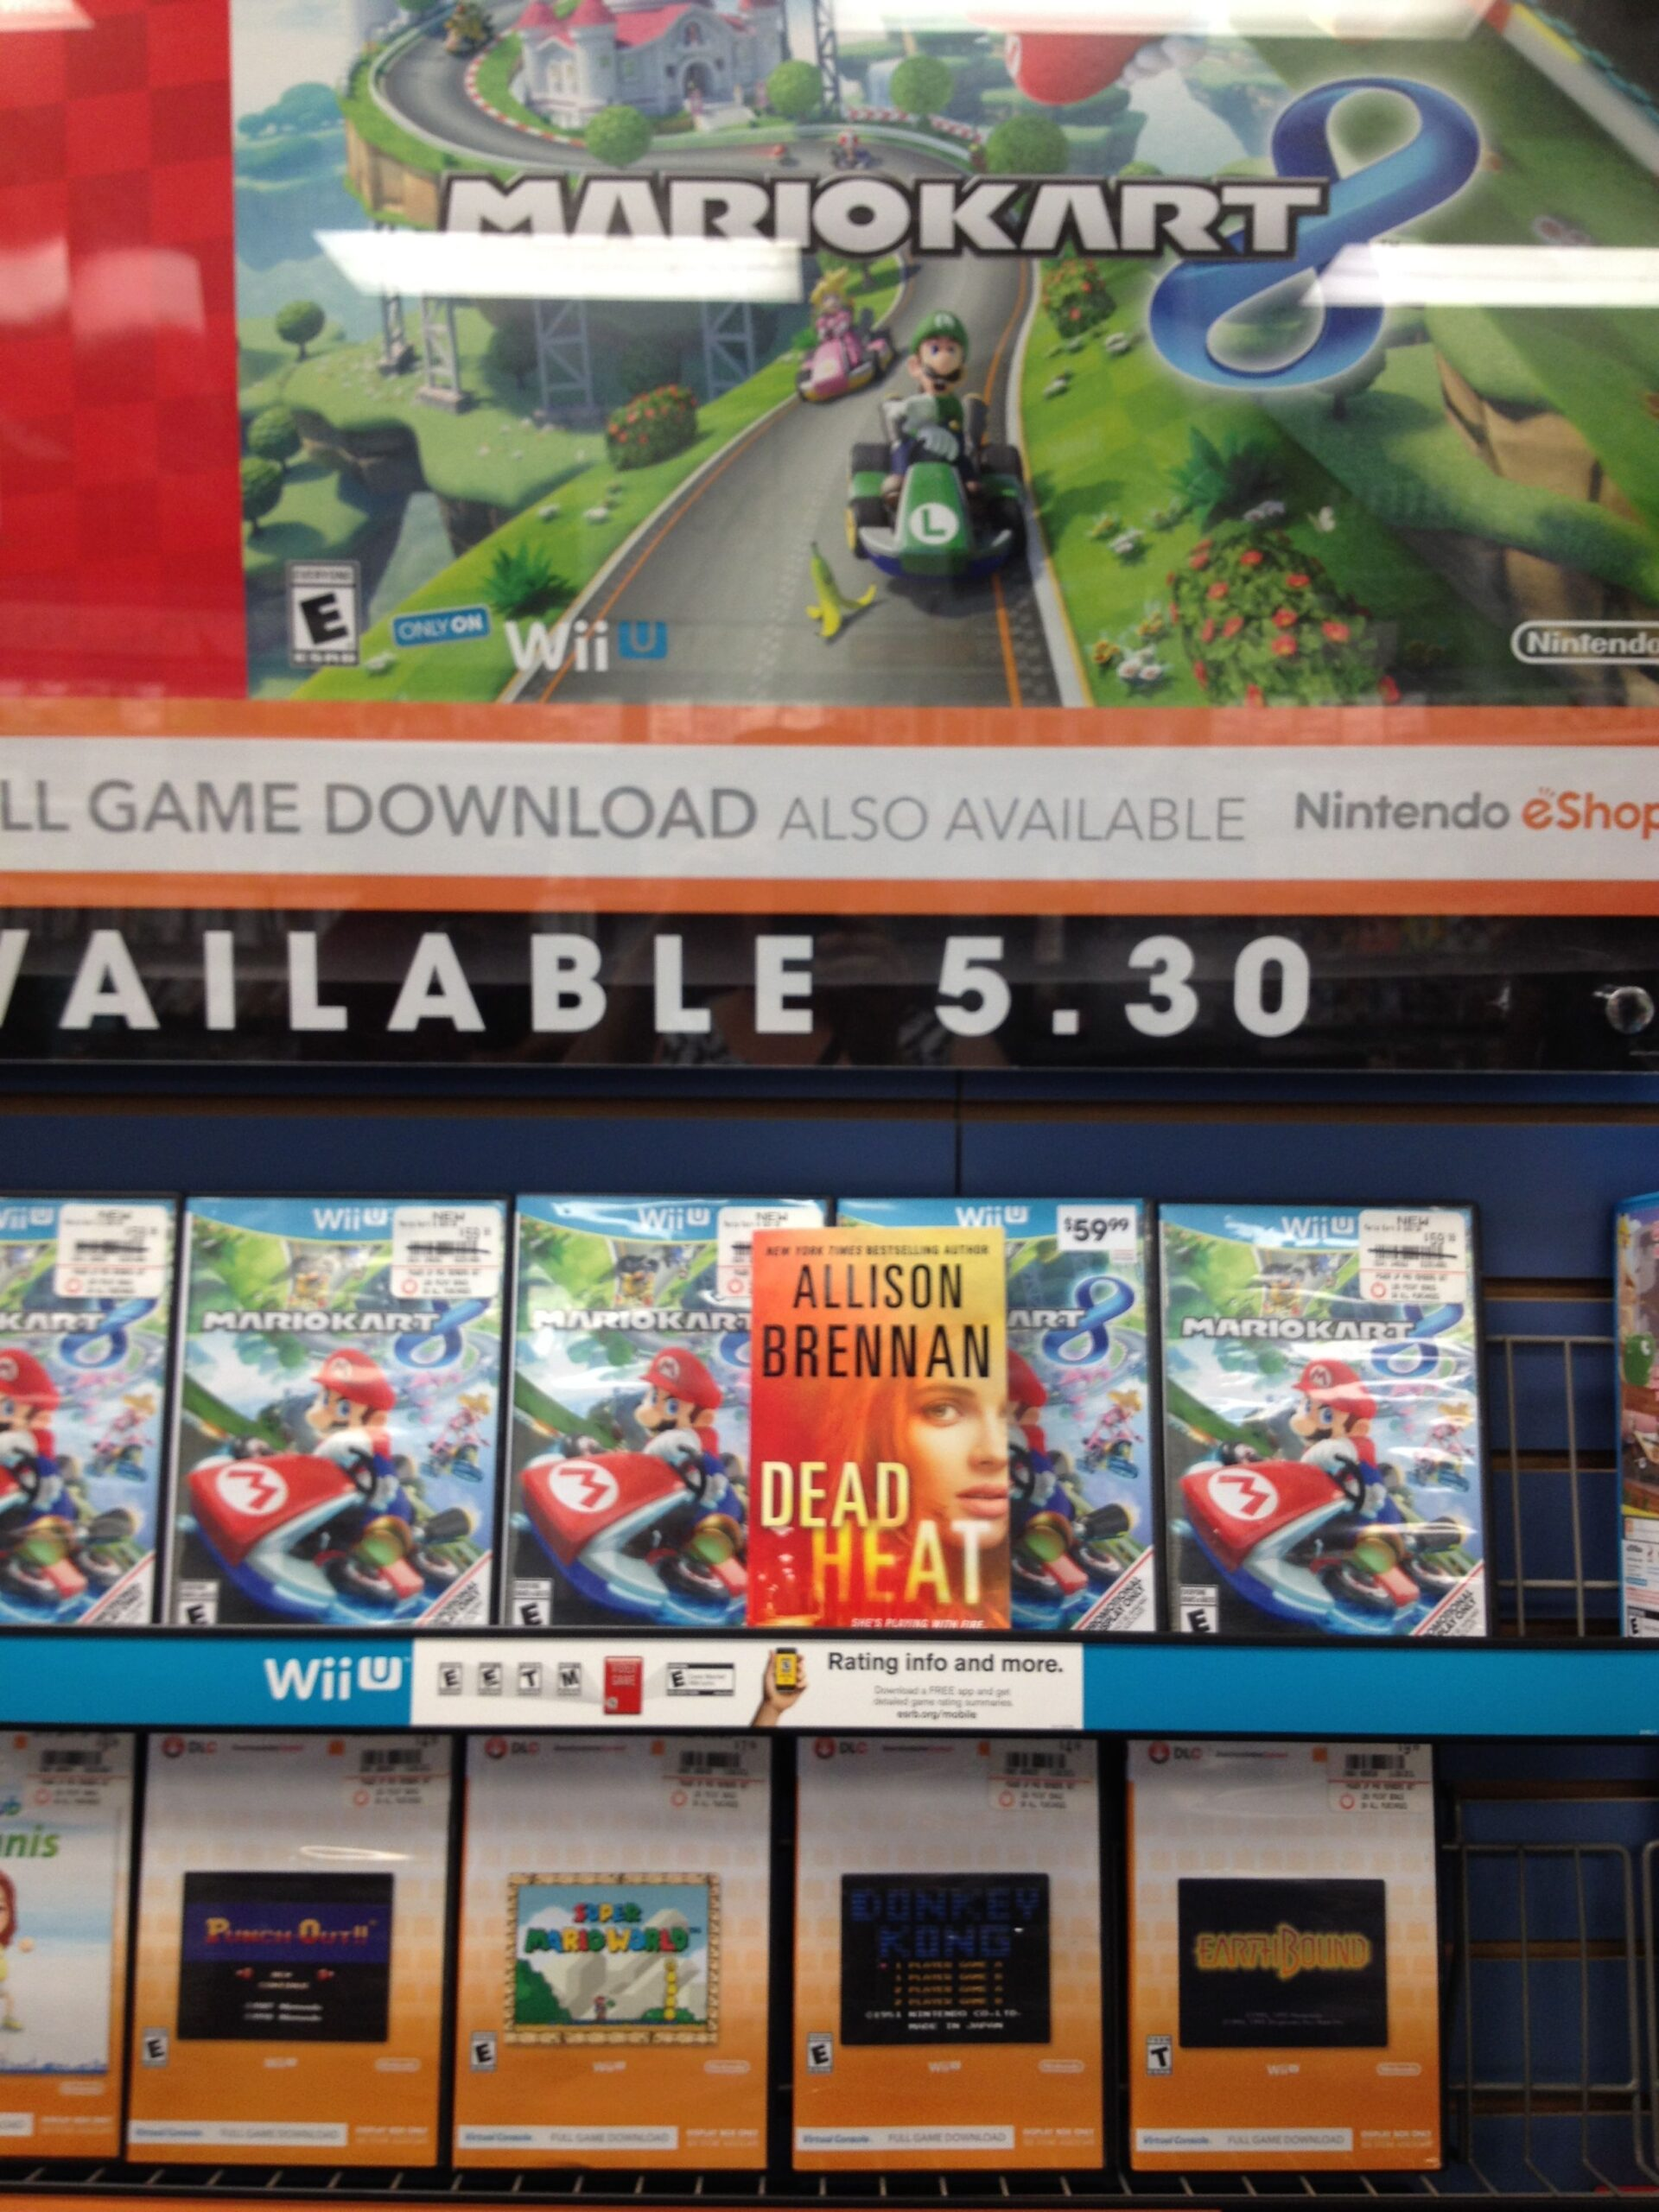 Mario Kart 8 -- yes, it's fun.